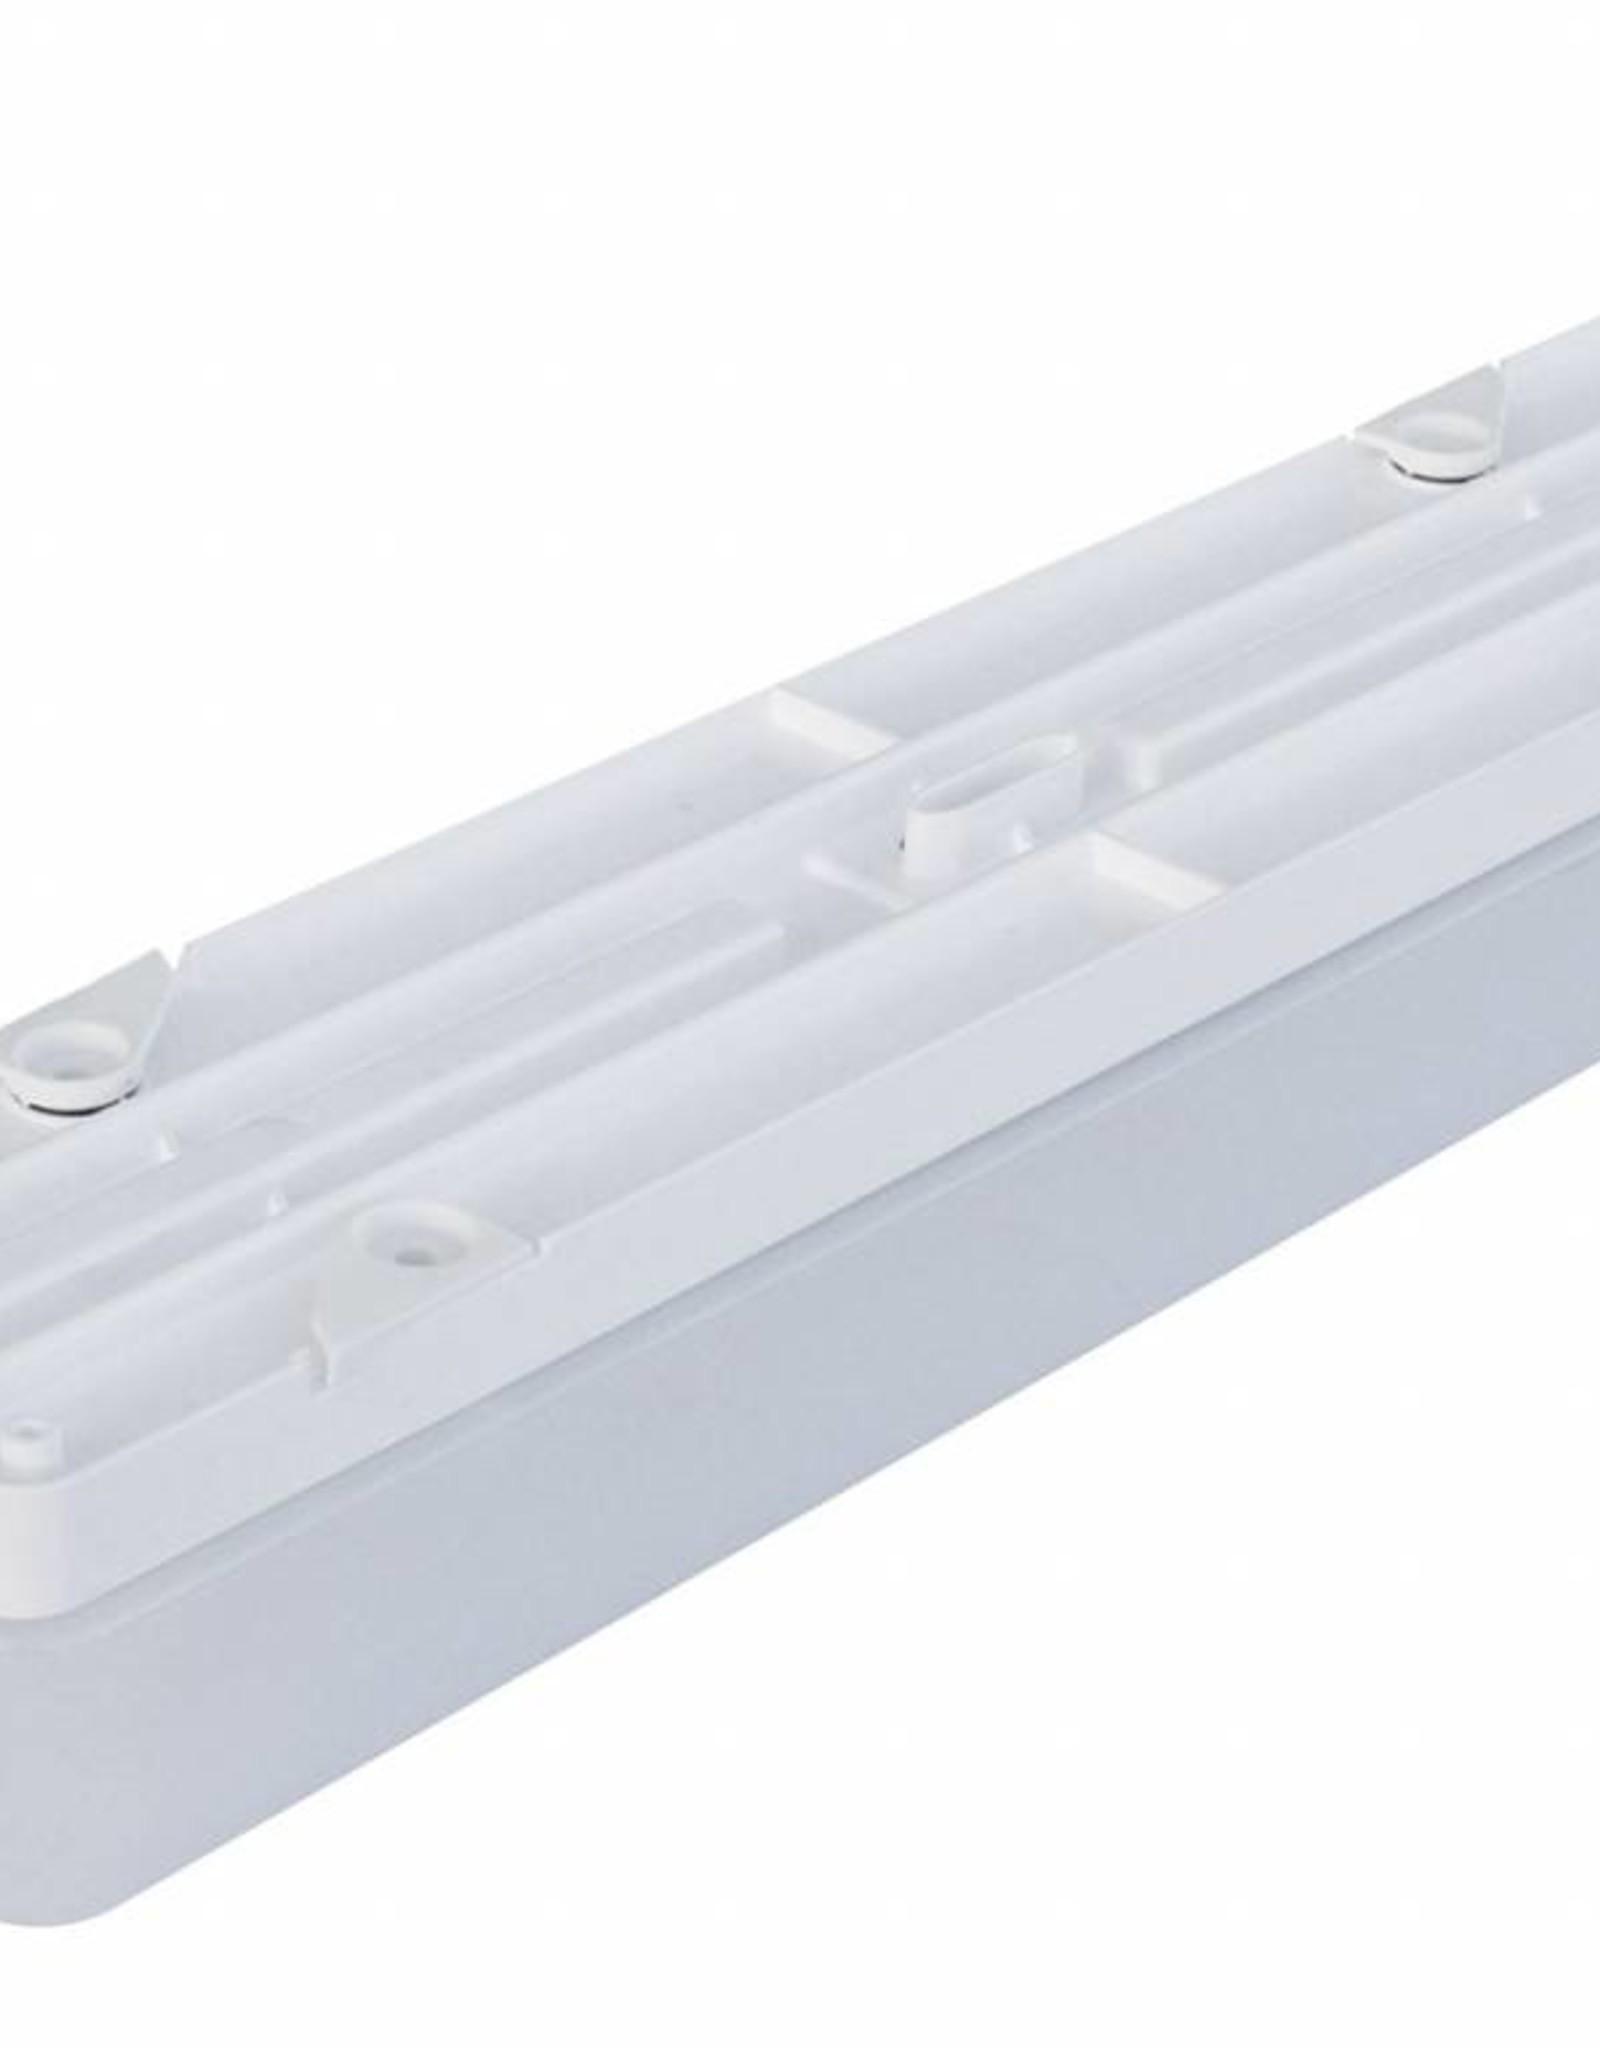 Linea 2.4ft 5200/840 DALI